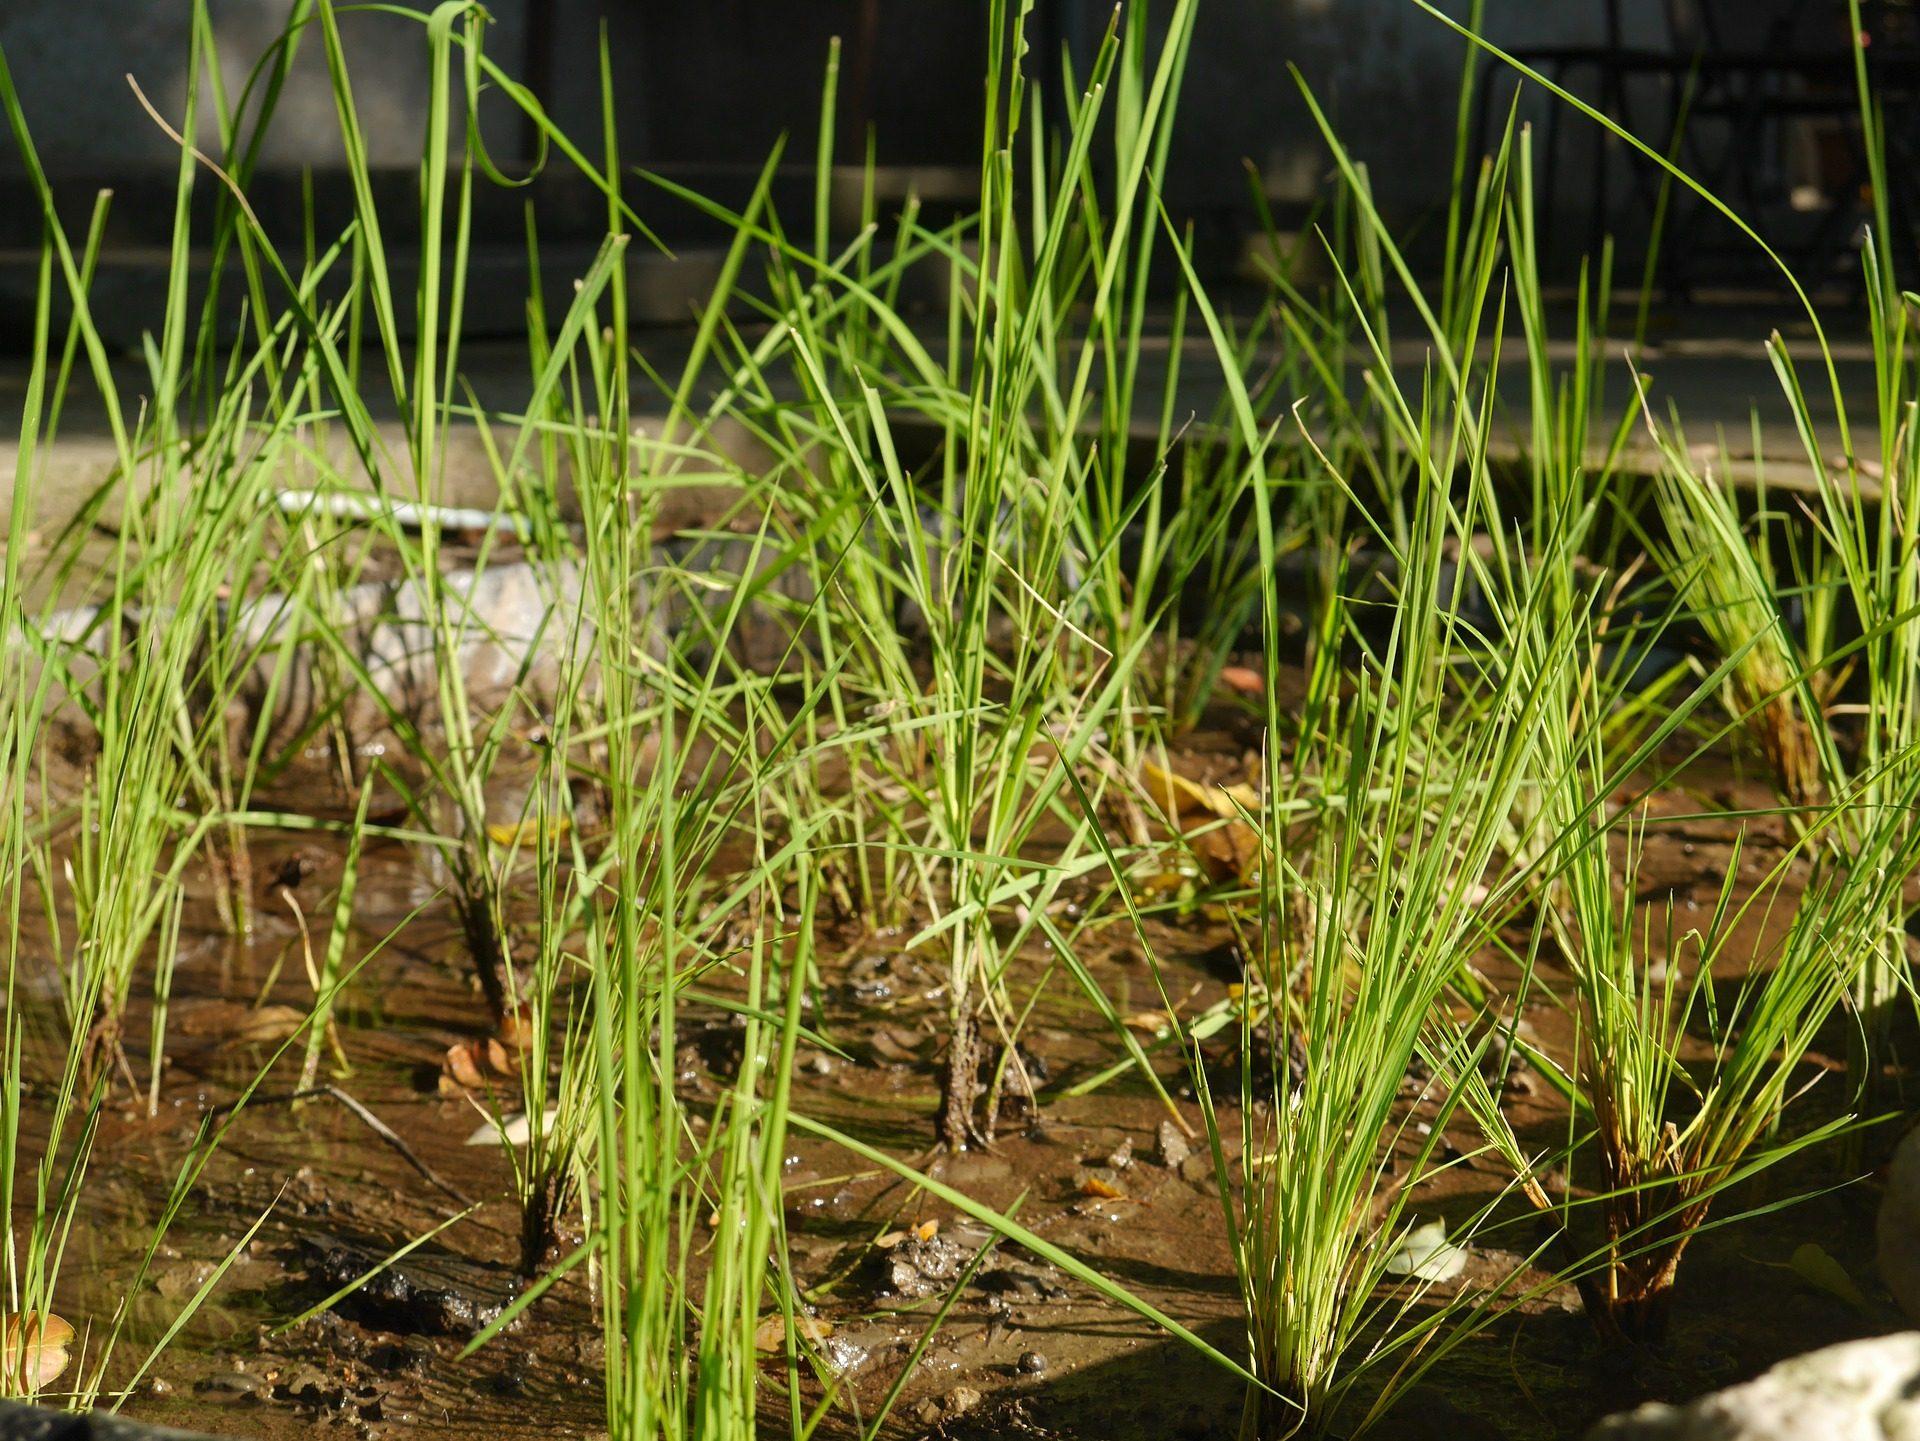 hierba, plantas, brotes, huerto, cultivo - Fondos de Pantalla HD - professor-falken.com